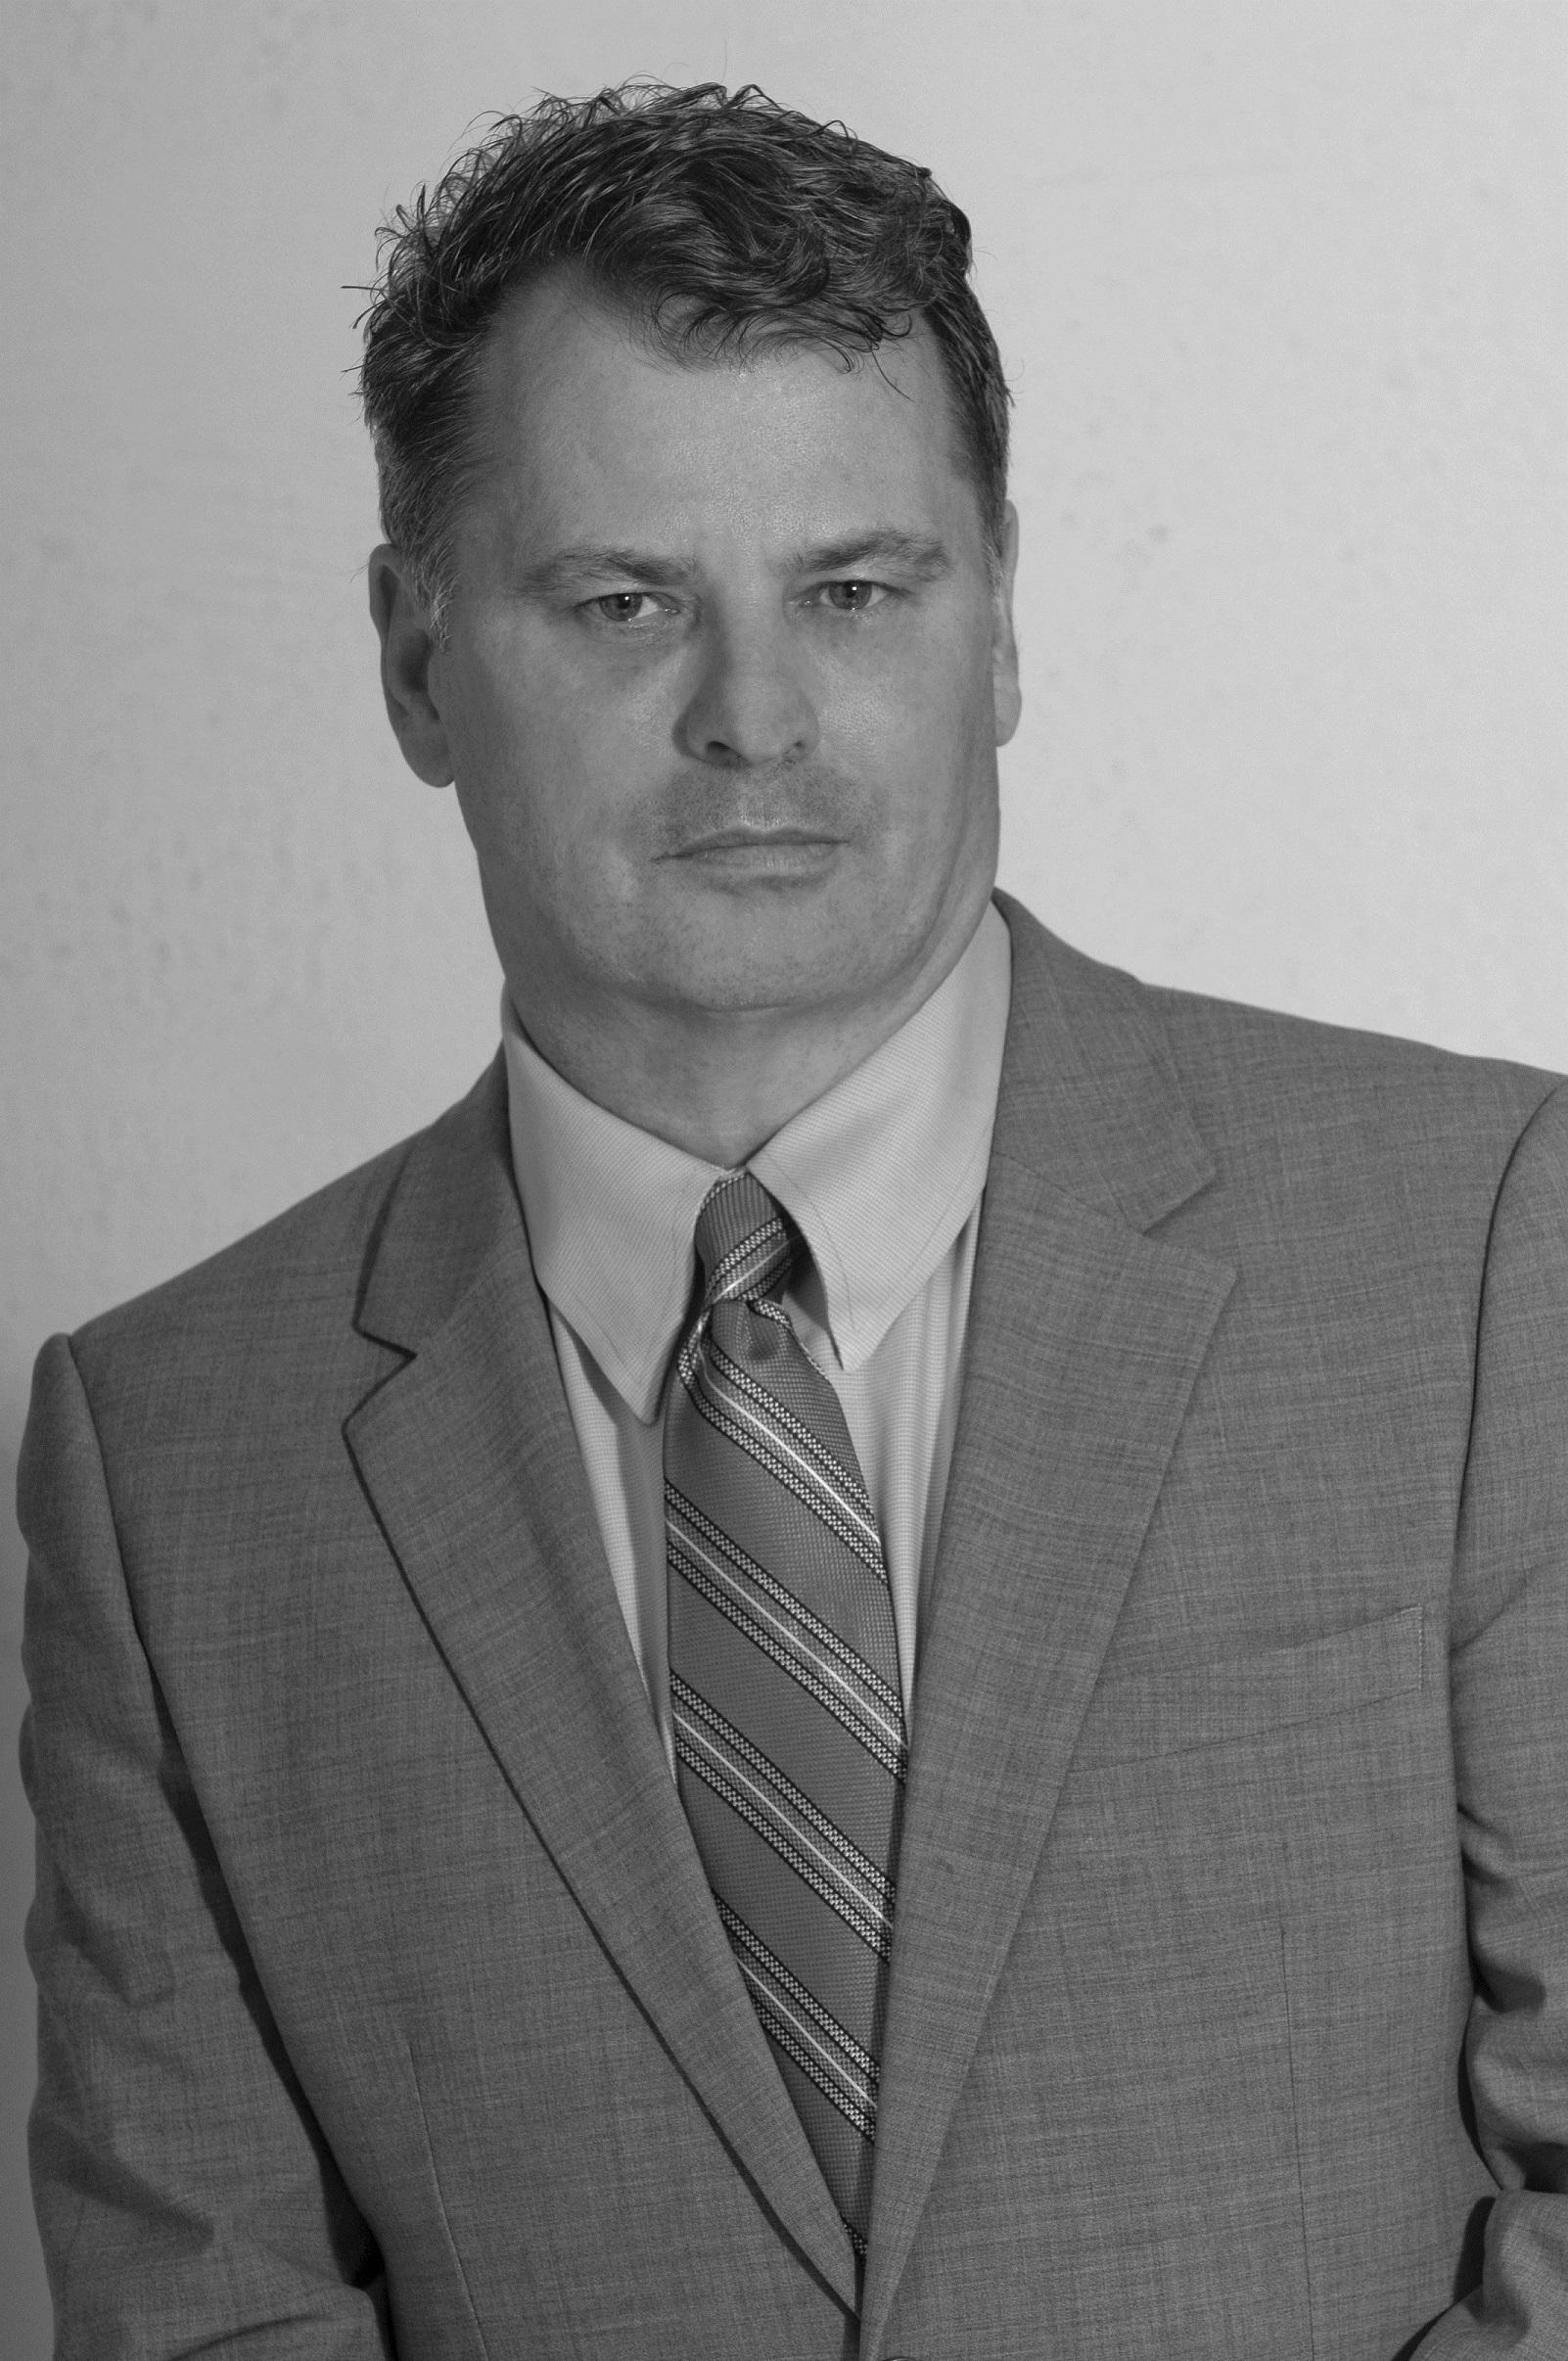 Michael Carucci